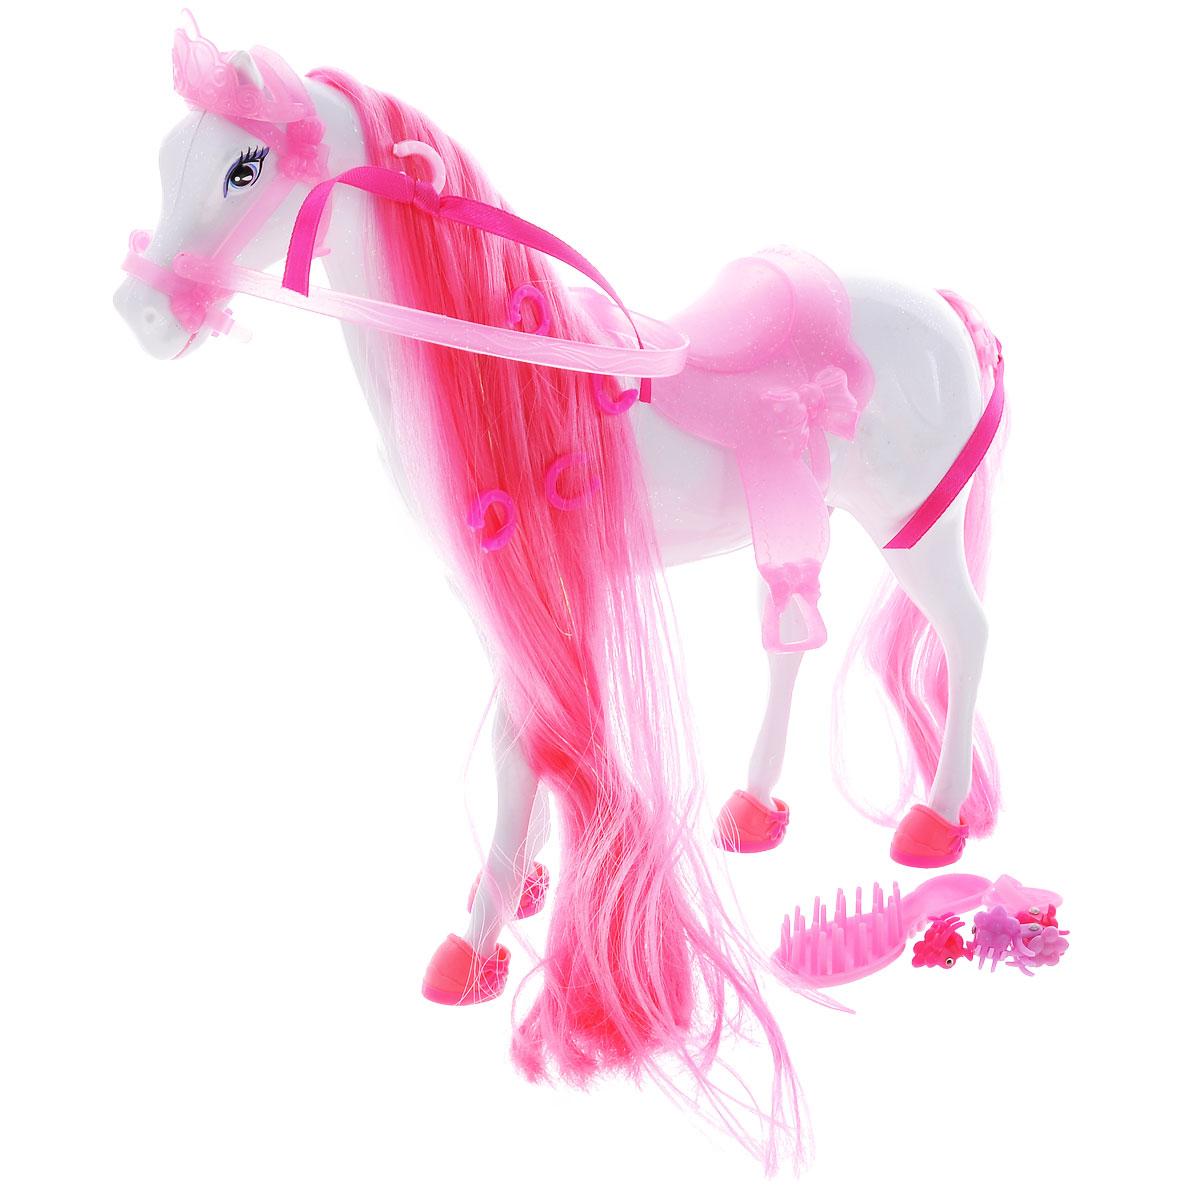 Simba Транспорт для кукол Лошадь для Штеффи4661840Игровой набор Simba Лошадь для Штеффи надолго займет внимание вашей малышки и подарит ей множество счастливых мгновений. У лошадки есть длинный хвост и шикарная грива из шелковистых волокон яркого цвета. Грива и хвост очень длинные, их можно расчесывать и заплетать косички. Глазки - нарисованные, очень добрые и выразительные. В комплекте с лошадью имеются 4 подковы-ботинка, седло, расческа, щетка и 4 заколки. Благодаря играм с куклой, ваша малышка сможет развить фантазию и любознательность, овладеть навыками общения и научиться ответственности, а дополнительные аксессуары сделают игру еще увлекательнее. Лошадка позволит увеличить количество игровых ситуаций с куклой Штеффи. Порадуйте свою принцессу таким прекрасным подарком!